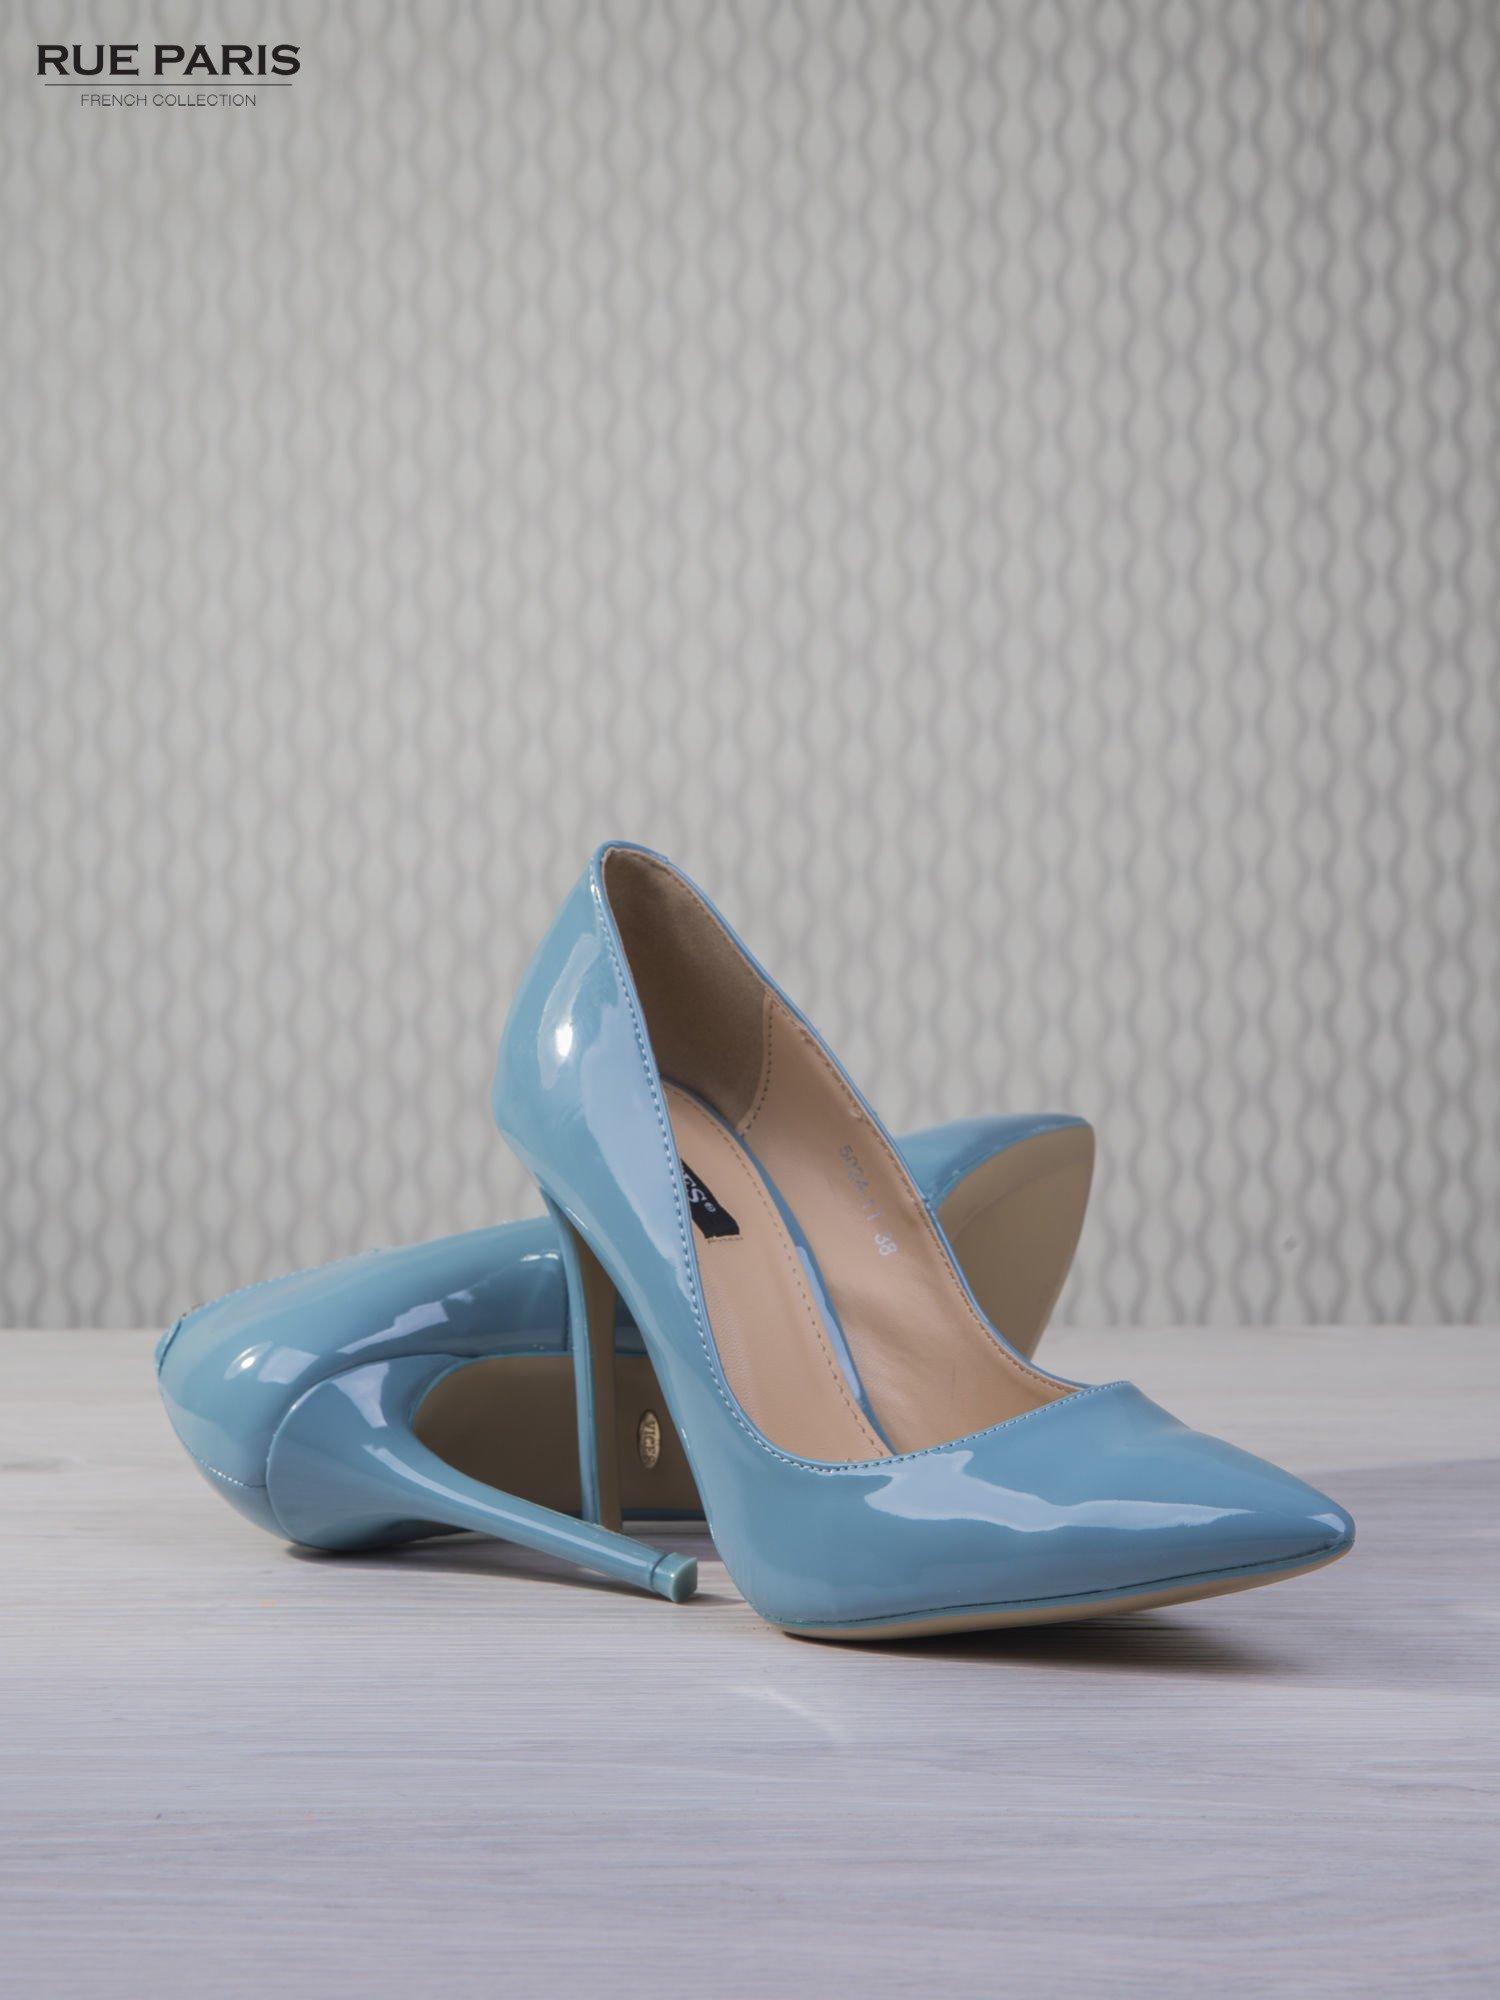 Błękitne lakierowane szpilki Jennifer w szpic                                  zdj.                                  4